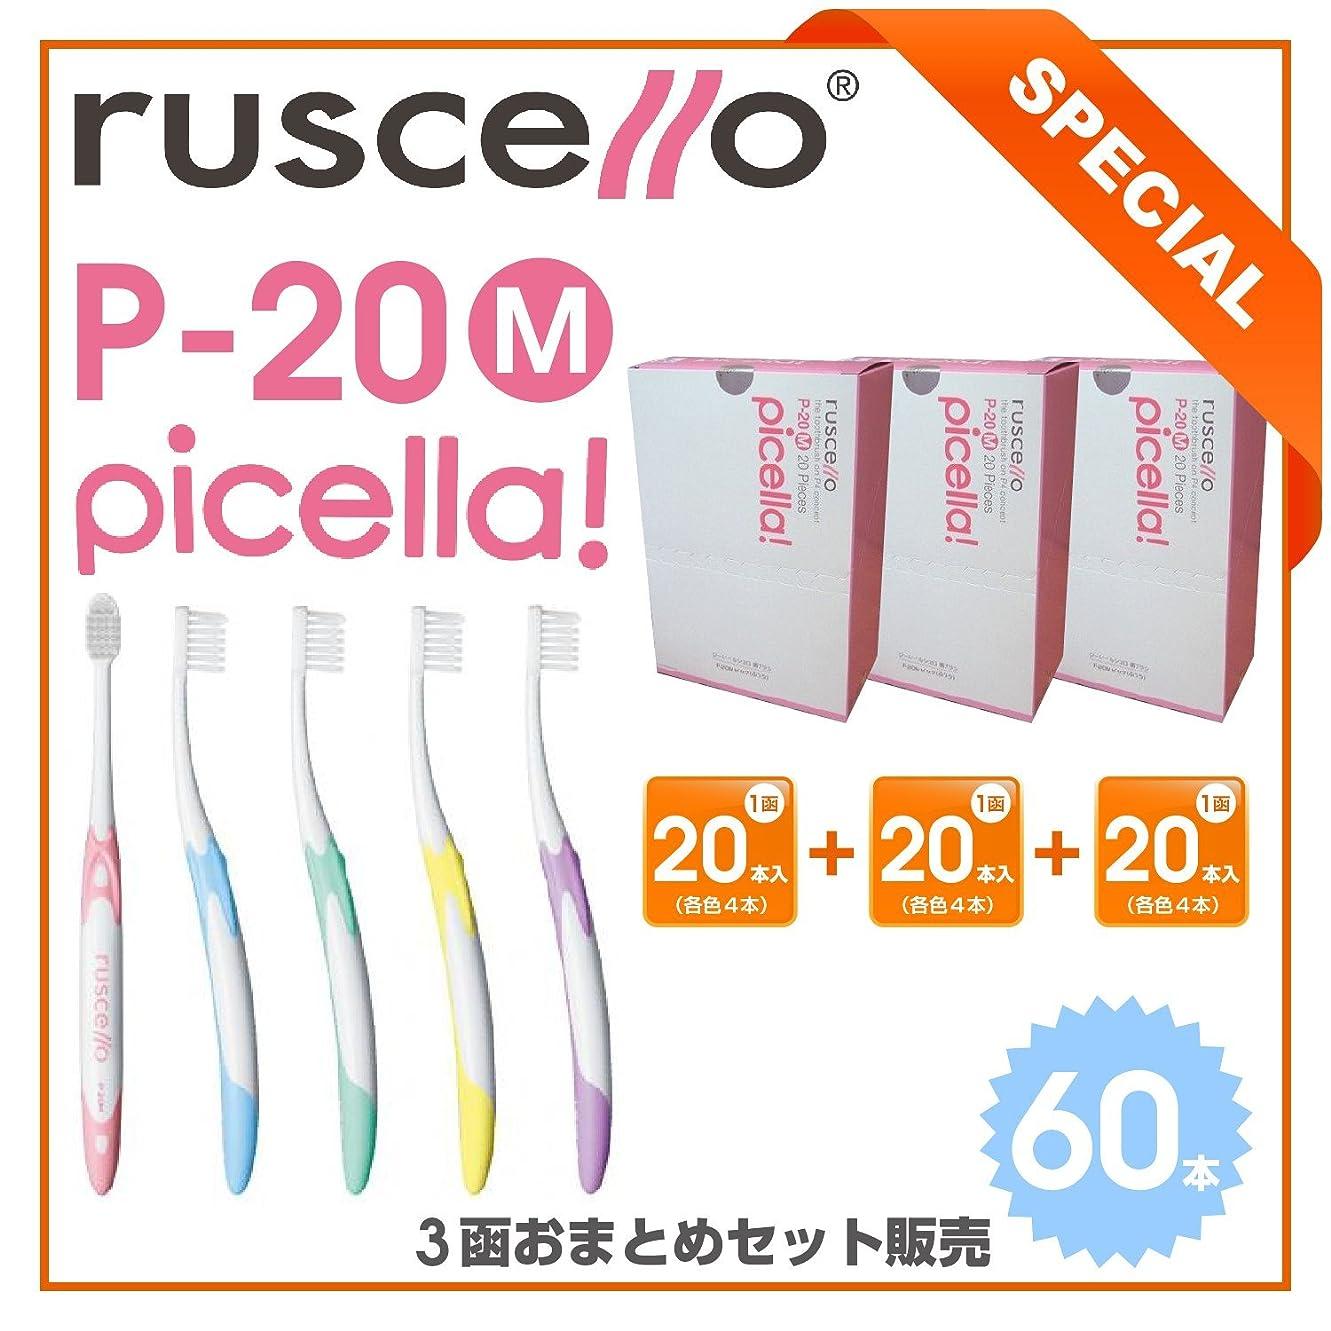 グループ癒す大量GC ジーシー ルシェロ歯ブラシ<P-20>ピセラ M ふつう 1函20本入×3函セット